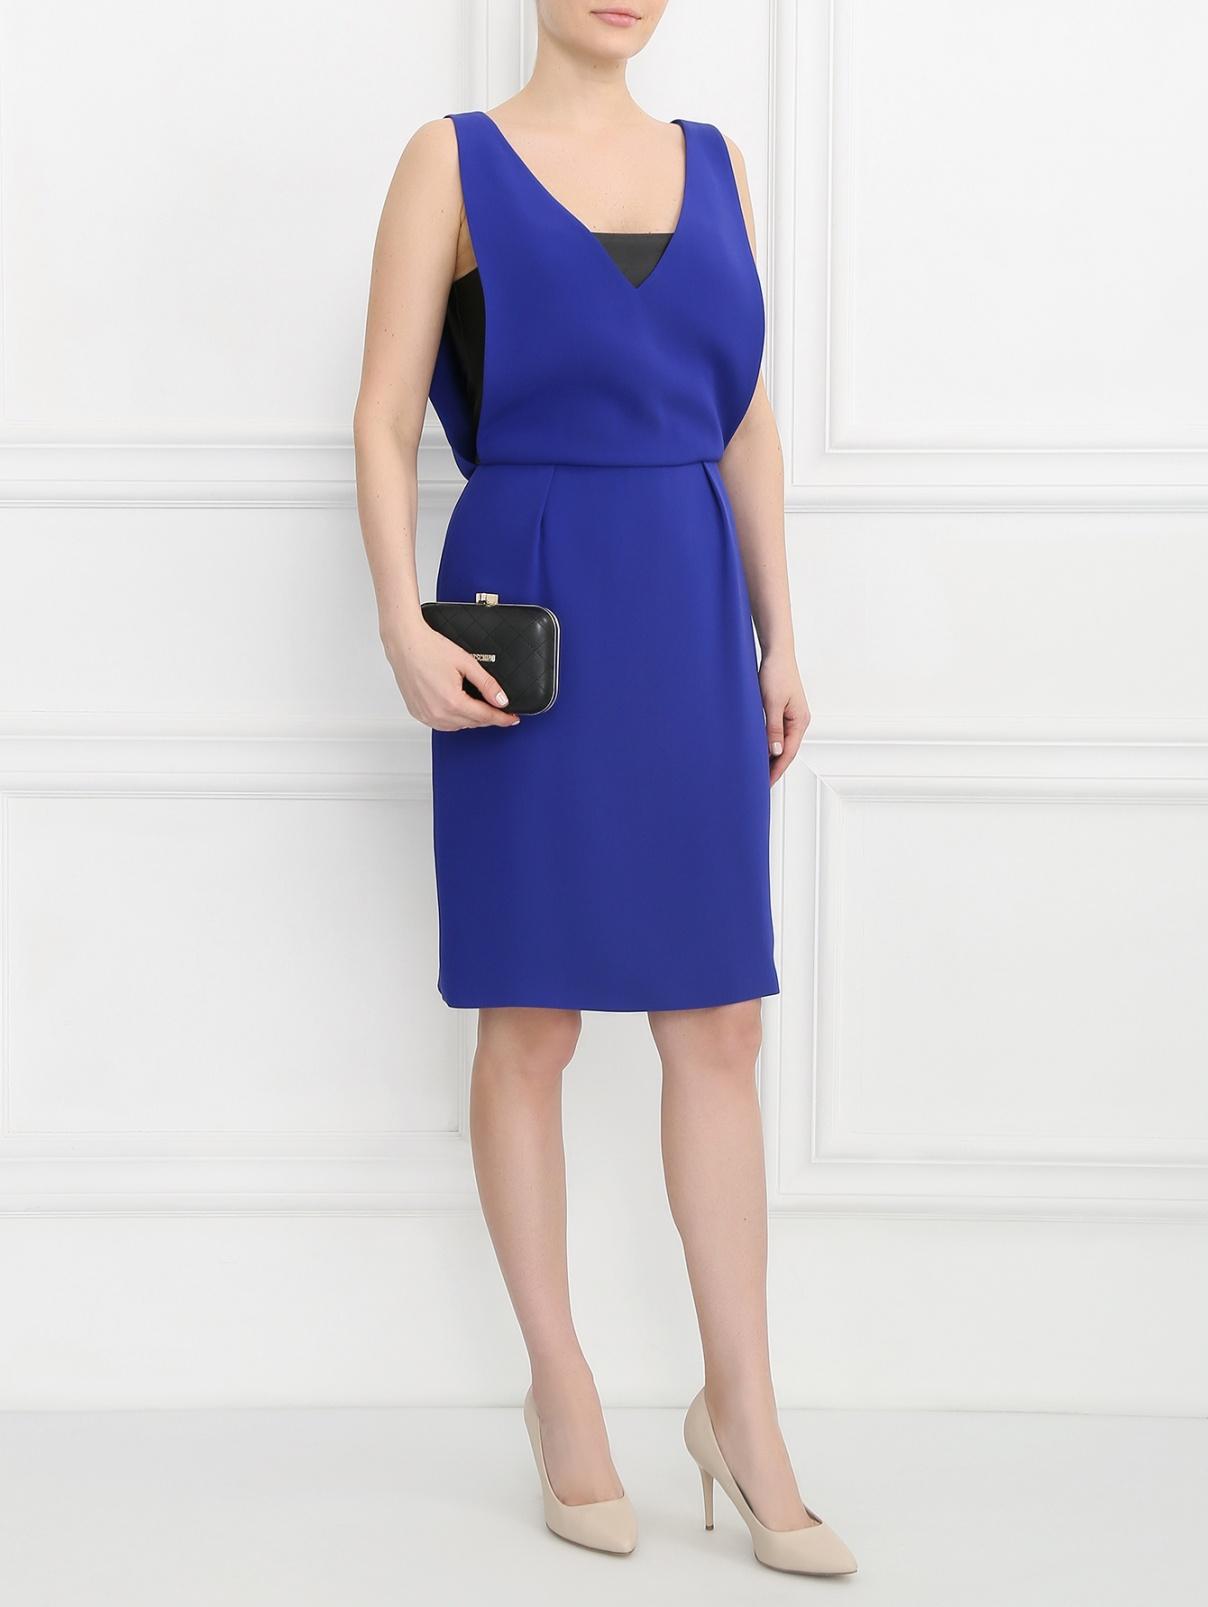 Платье из шелка с вырезом на спине Yves Salomon  –  Модель Общий вид  – Цвет:  Синий